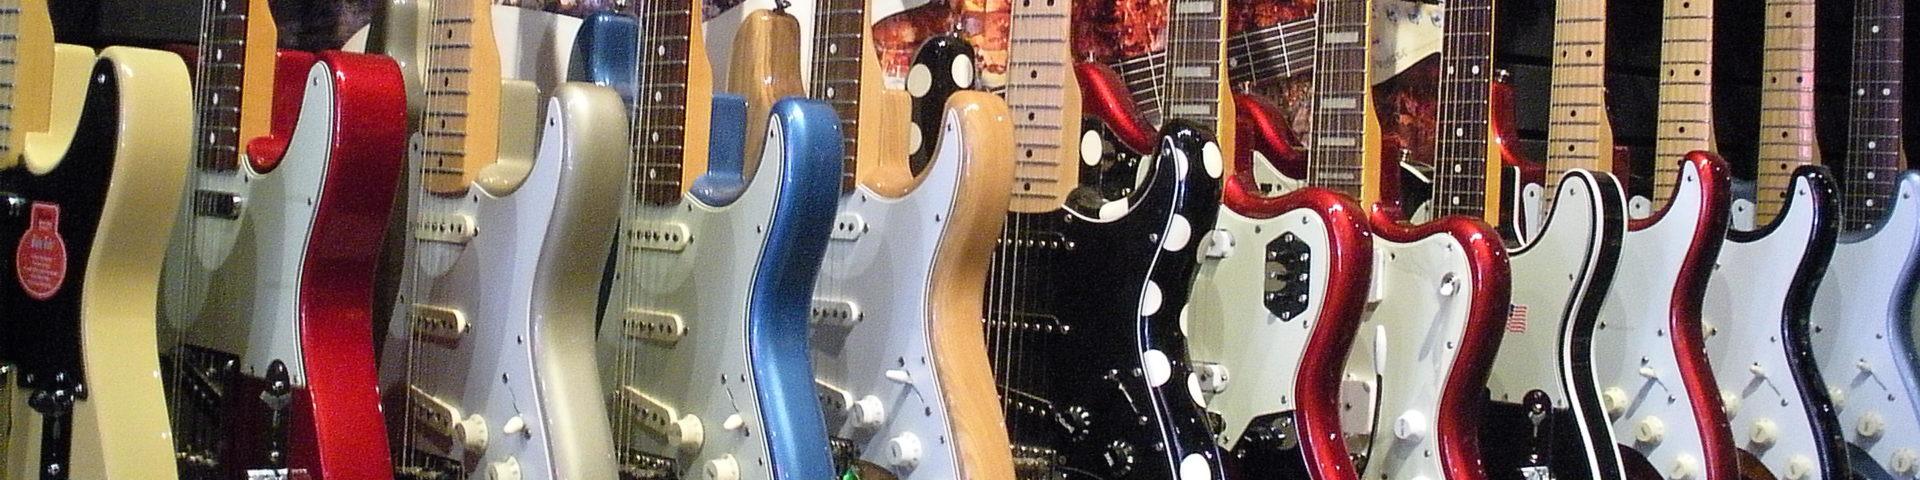 E-Gitarrenguru.de | E-Gitarren Tests und Kaufratgeber